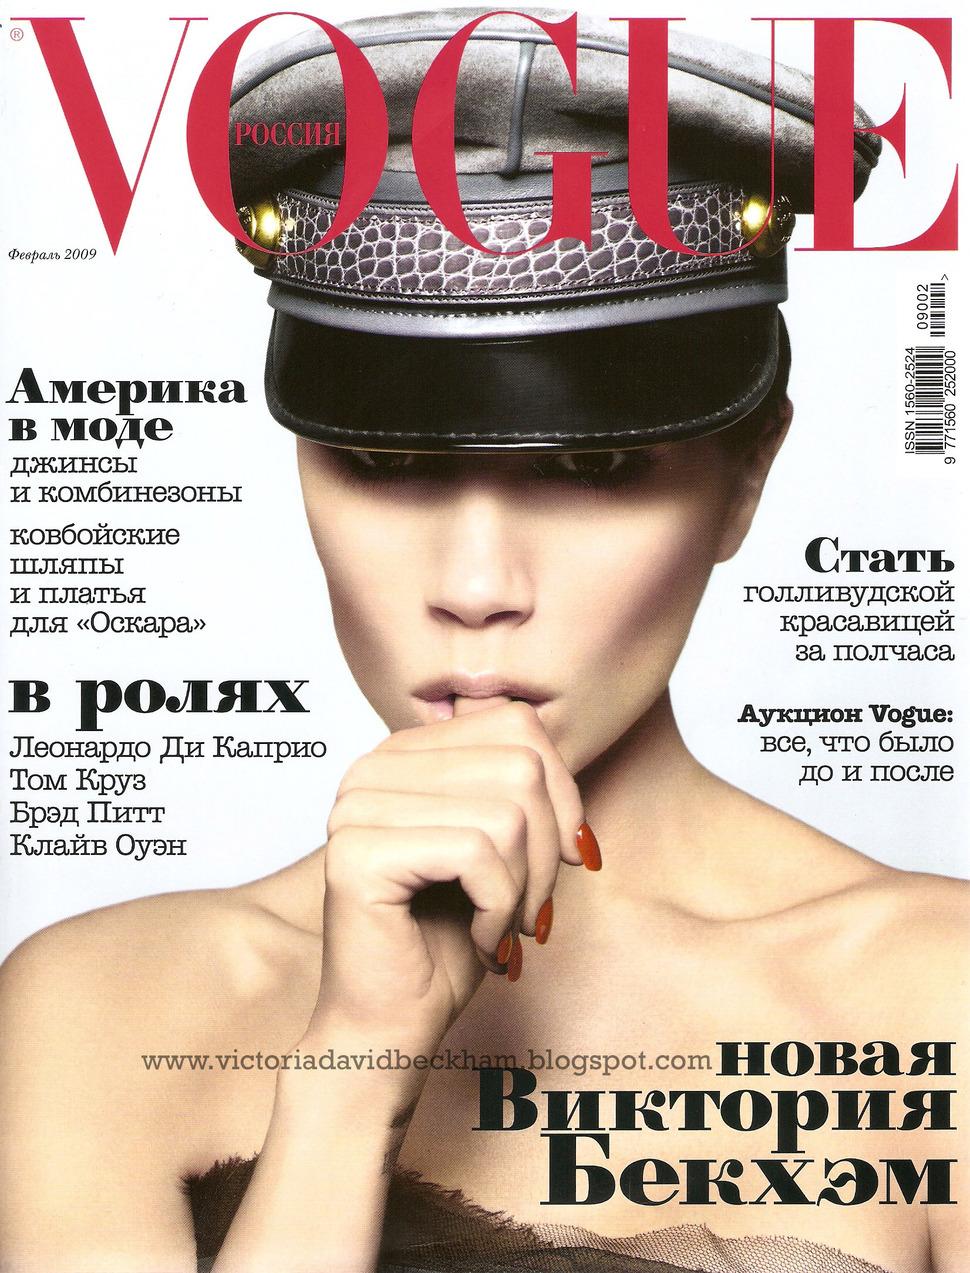 Виктория Бэкхем в журнале Vogue Россия. Февраль 2009